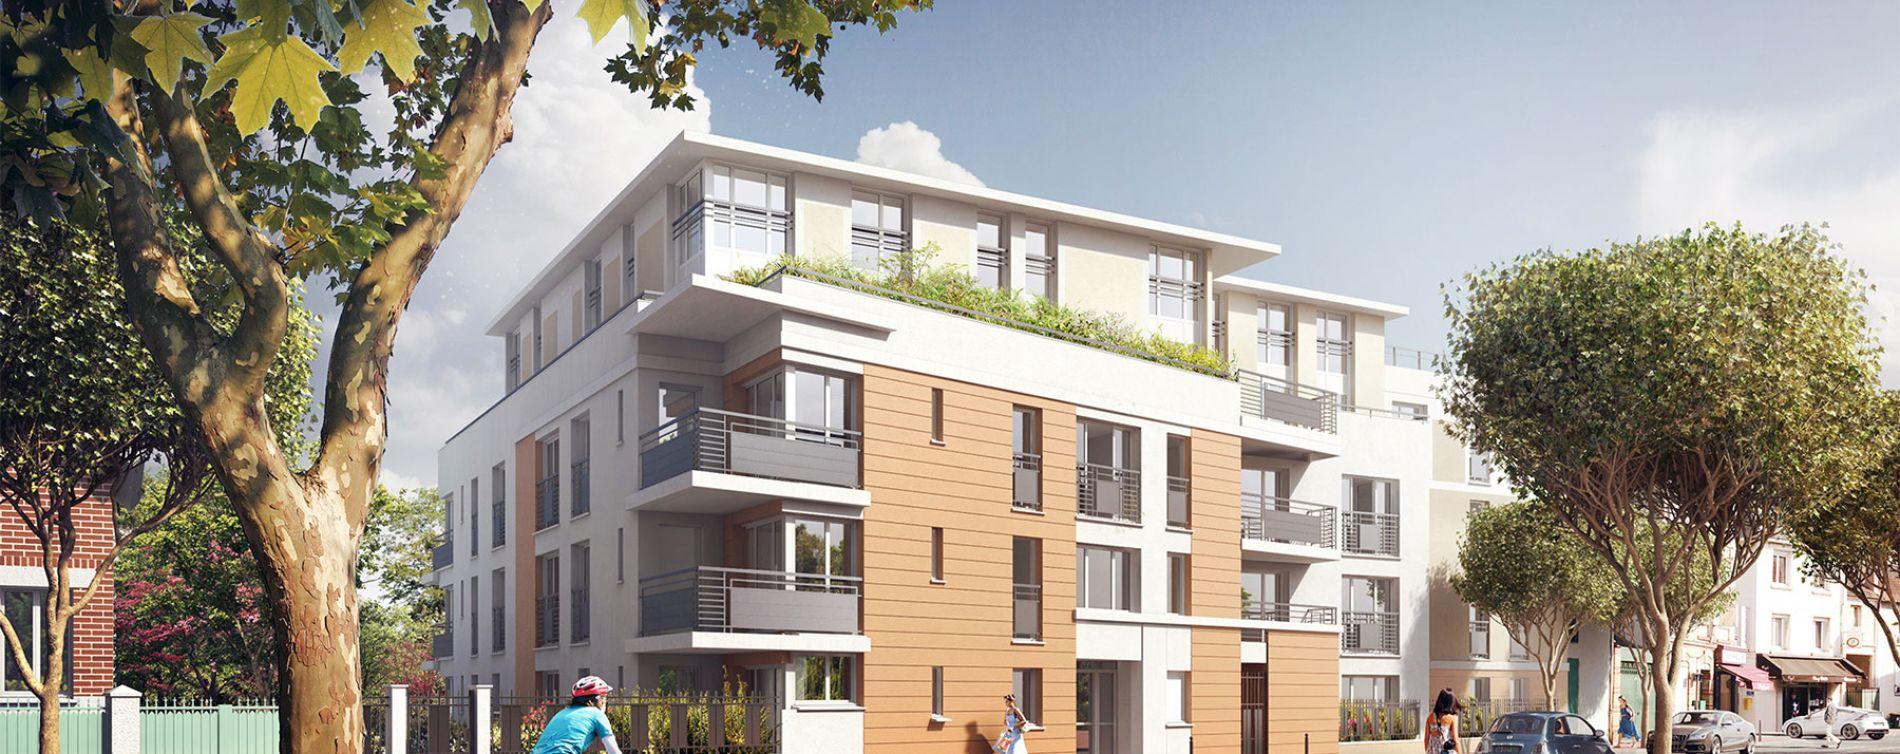 Chatou : programme immobilier neuve « Les terrasses de Renoir Pinel » (2)